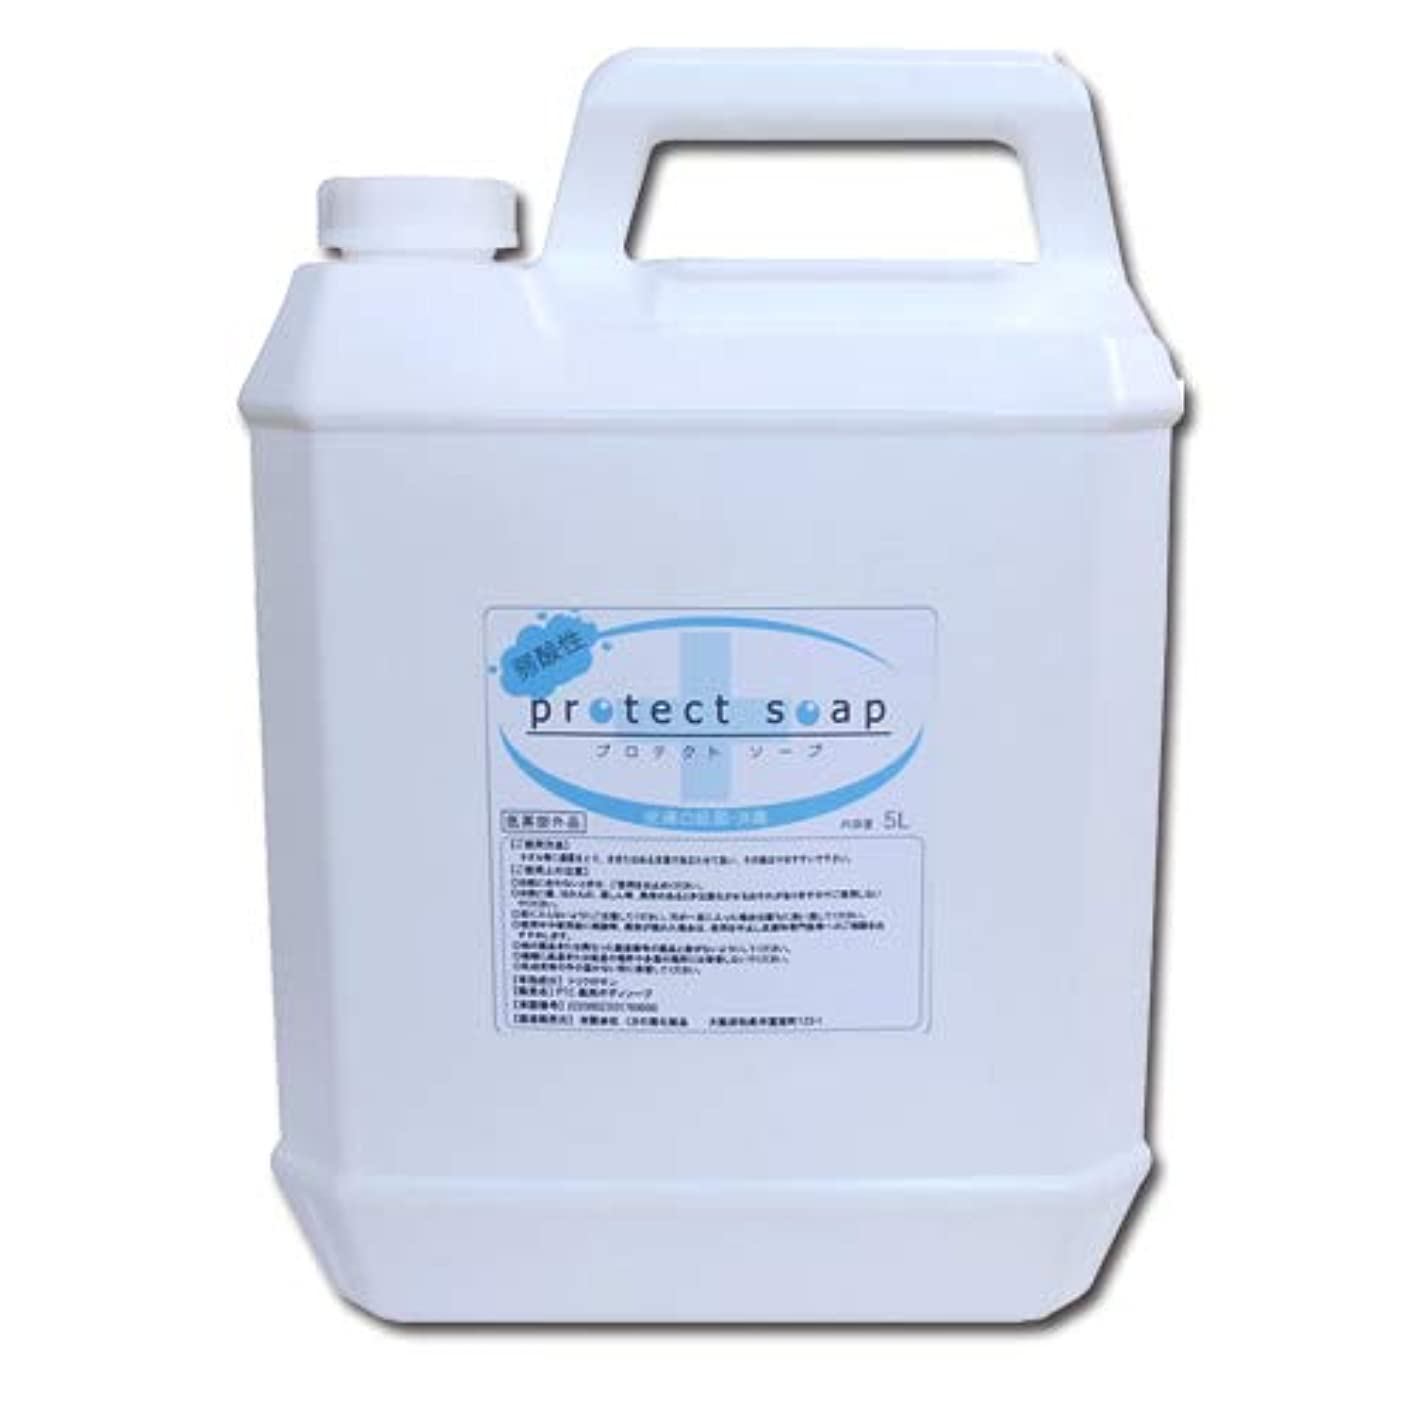 蚊盆地入場低刺激弱酸性 液体石鹸 プロテクトソープ 5L 業務用│せっけん液 液体せっけん 殺菌?消毒 インフルエンザ?ノロウィルス対策